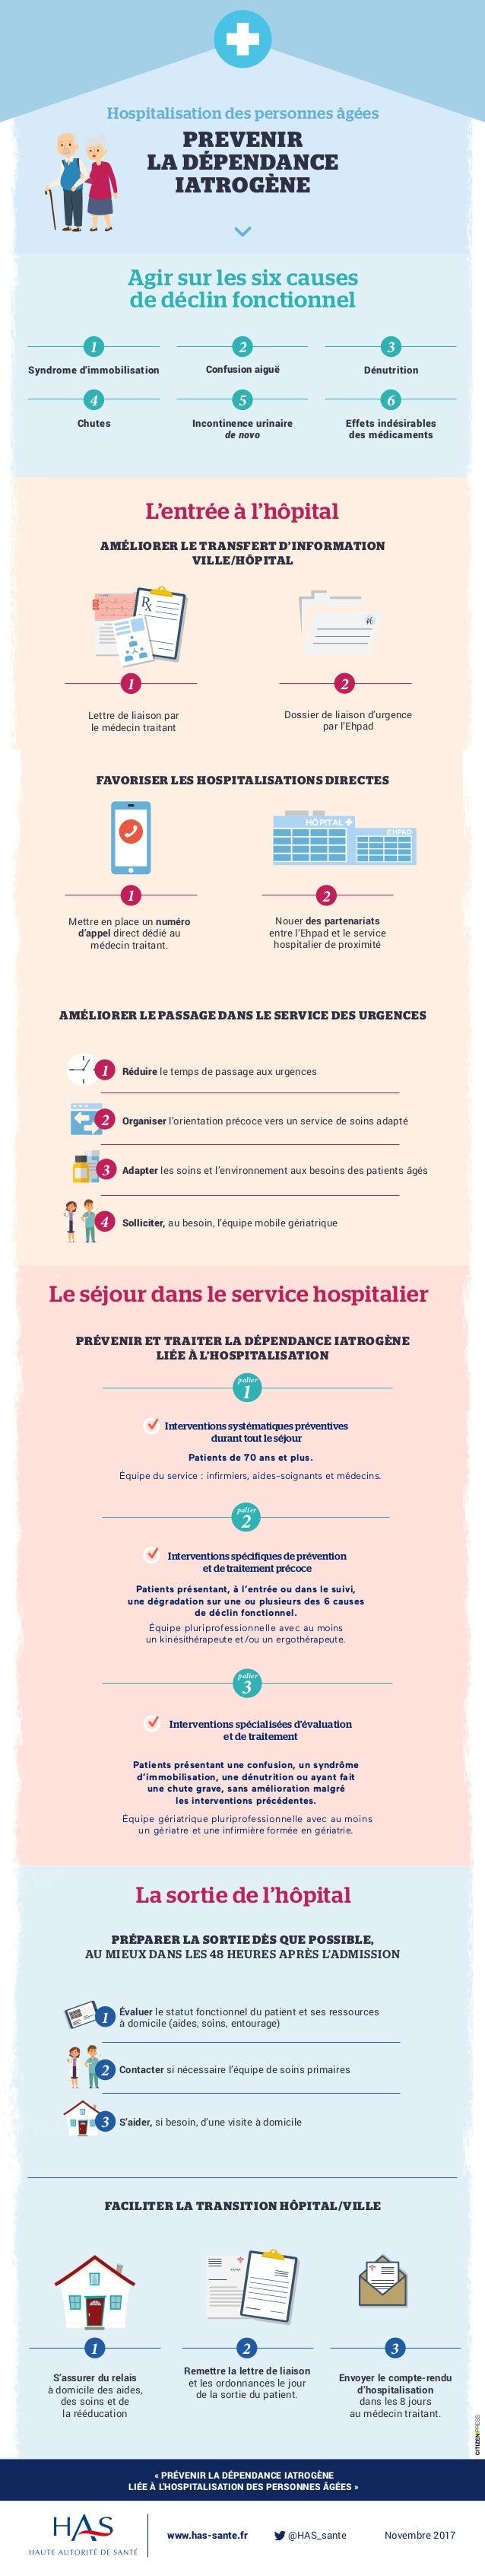 tran Hospitalisation des personnes âgées PREVENIR LA DÉPENDANCE IATROGÈNE «PRÉVENIR LA DÉPENDANCE IATROGÈNE LIÉE À L'HOSP...